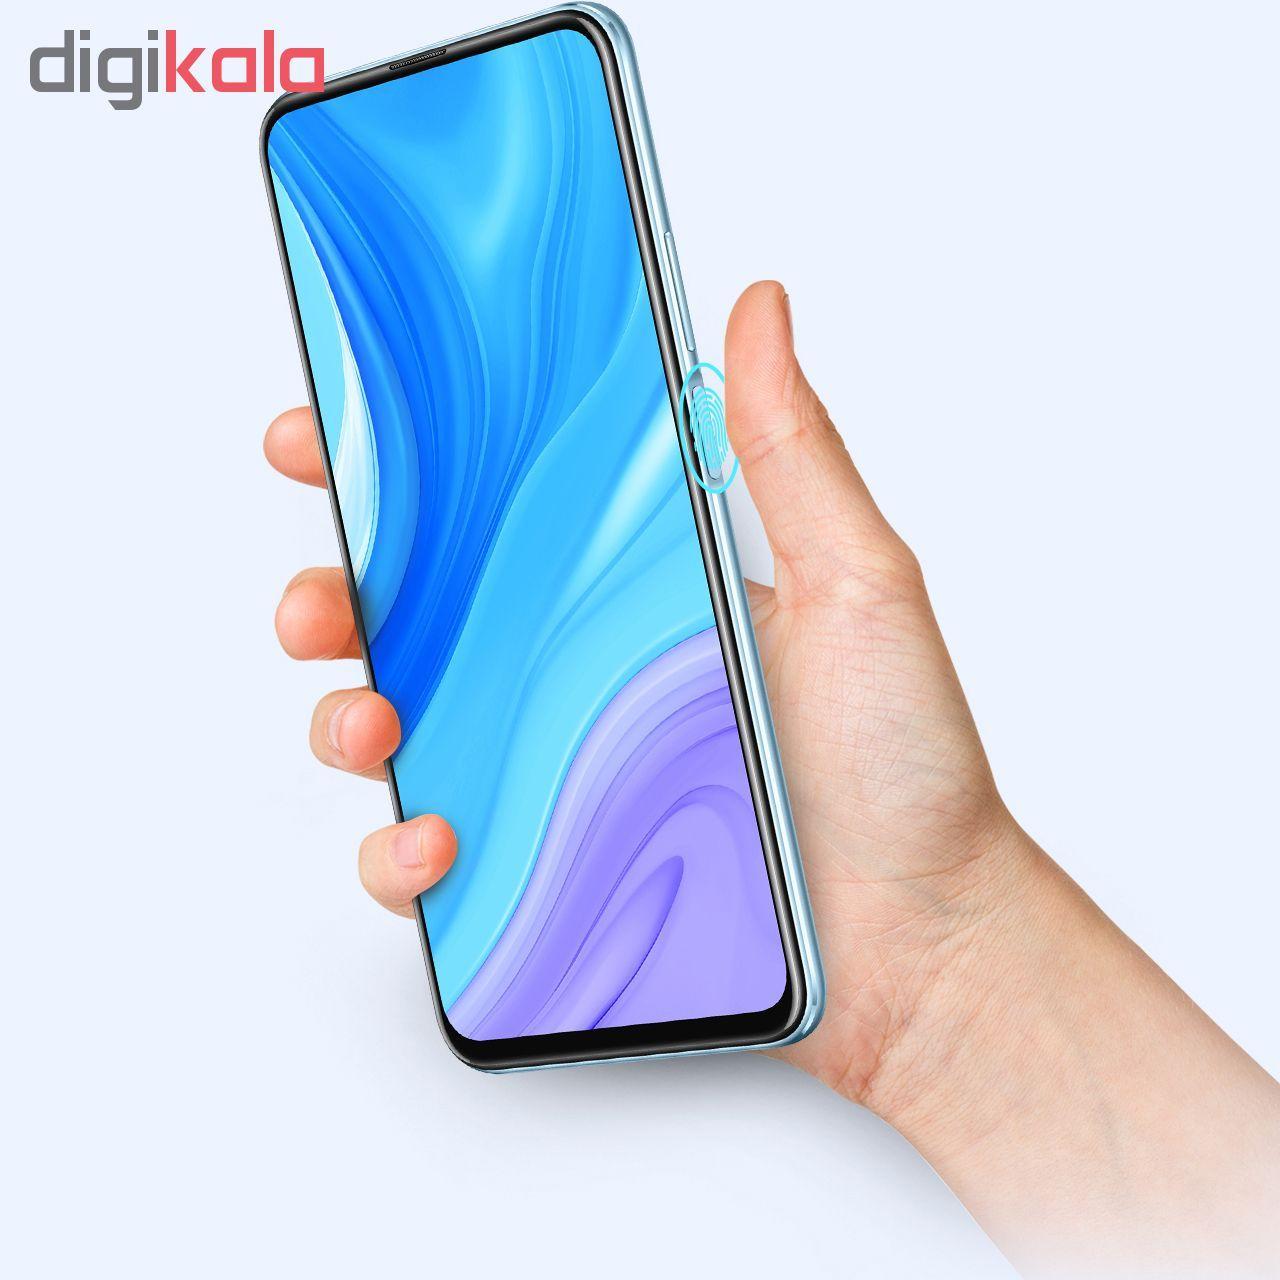 گوشی موبایل هوآوی مدل Y9s STK-L21 دو سیم کارت ظرفیت 128 گیگابایت main 1 16